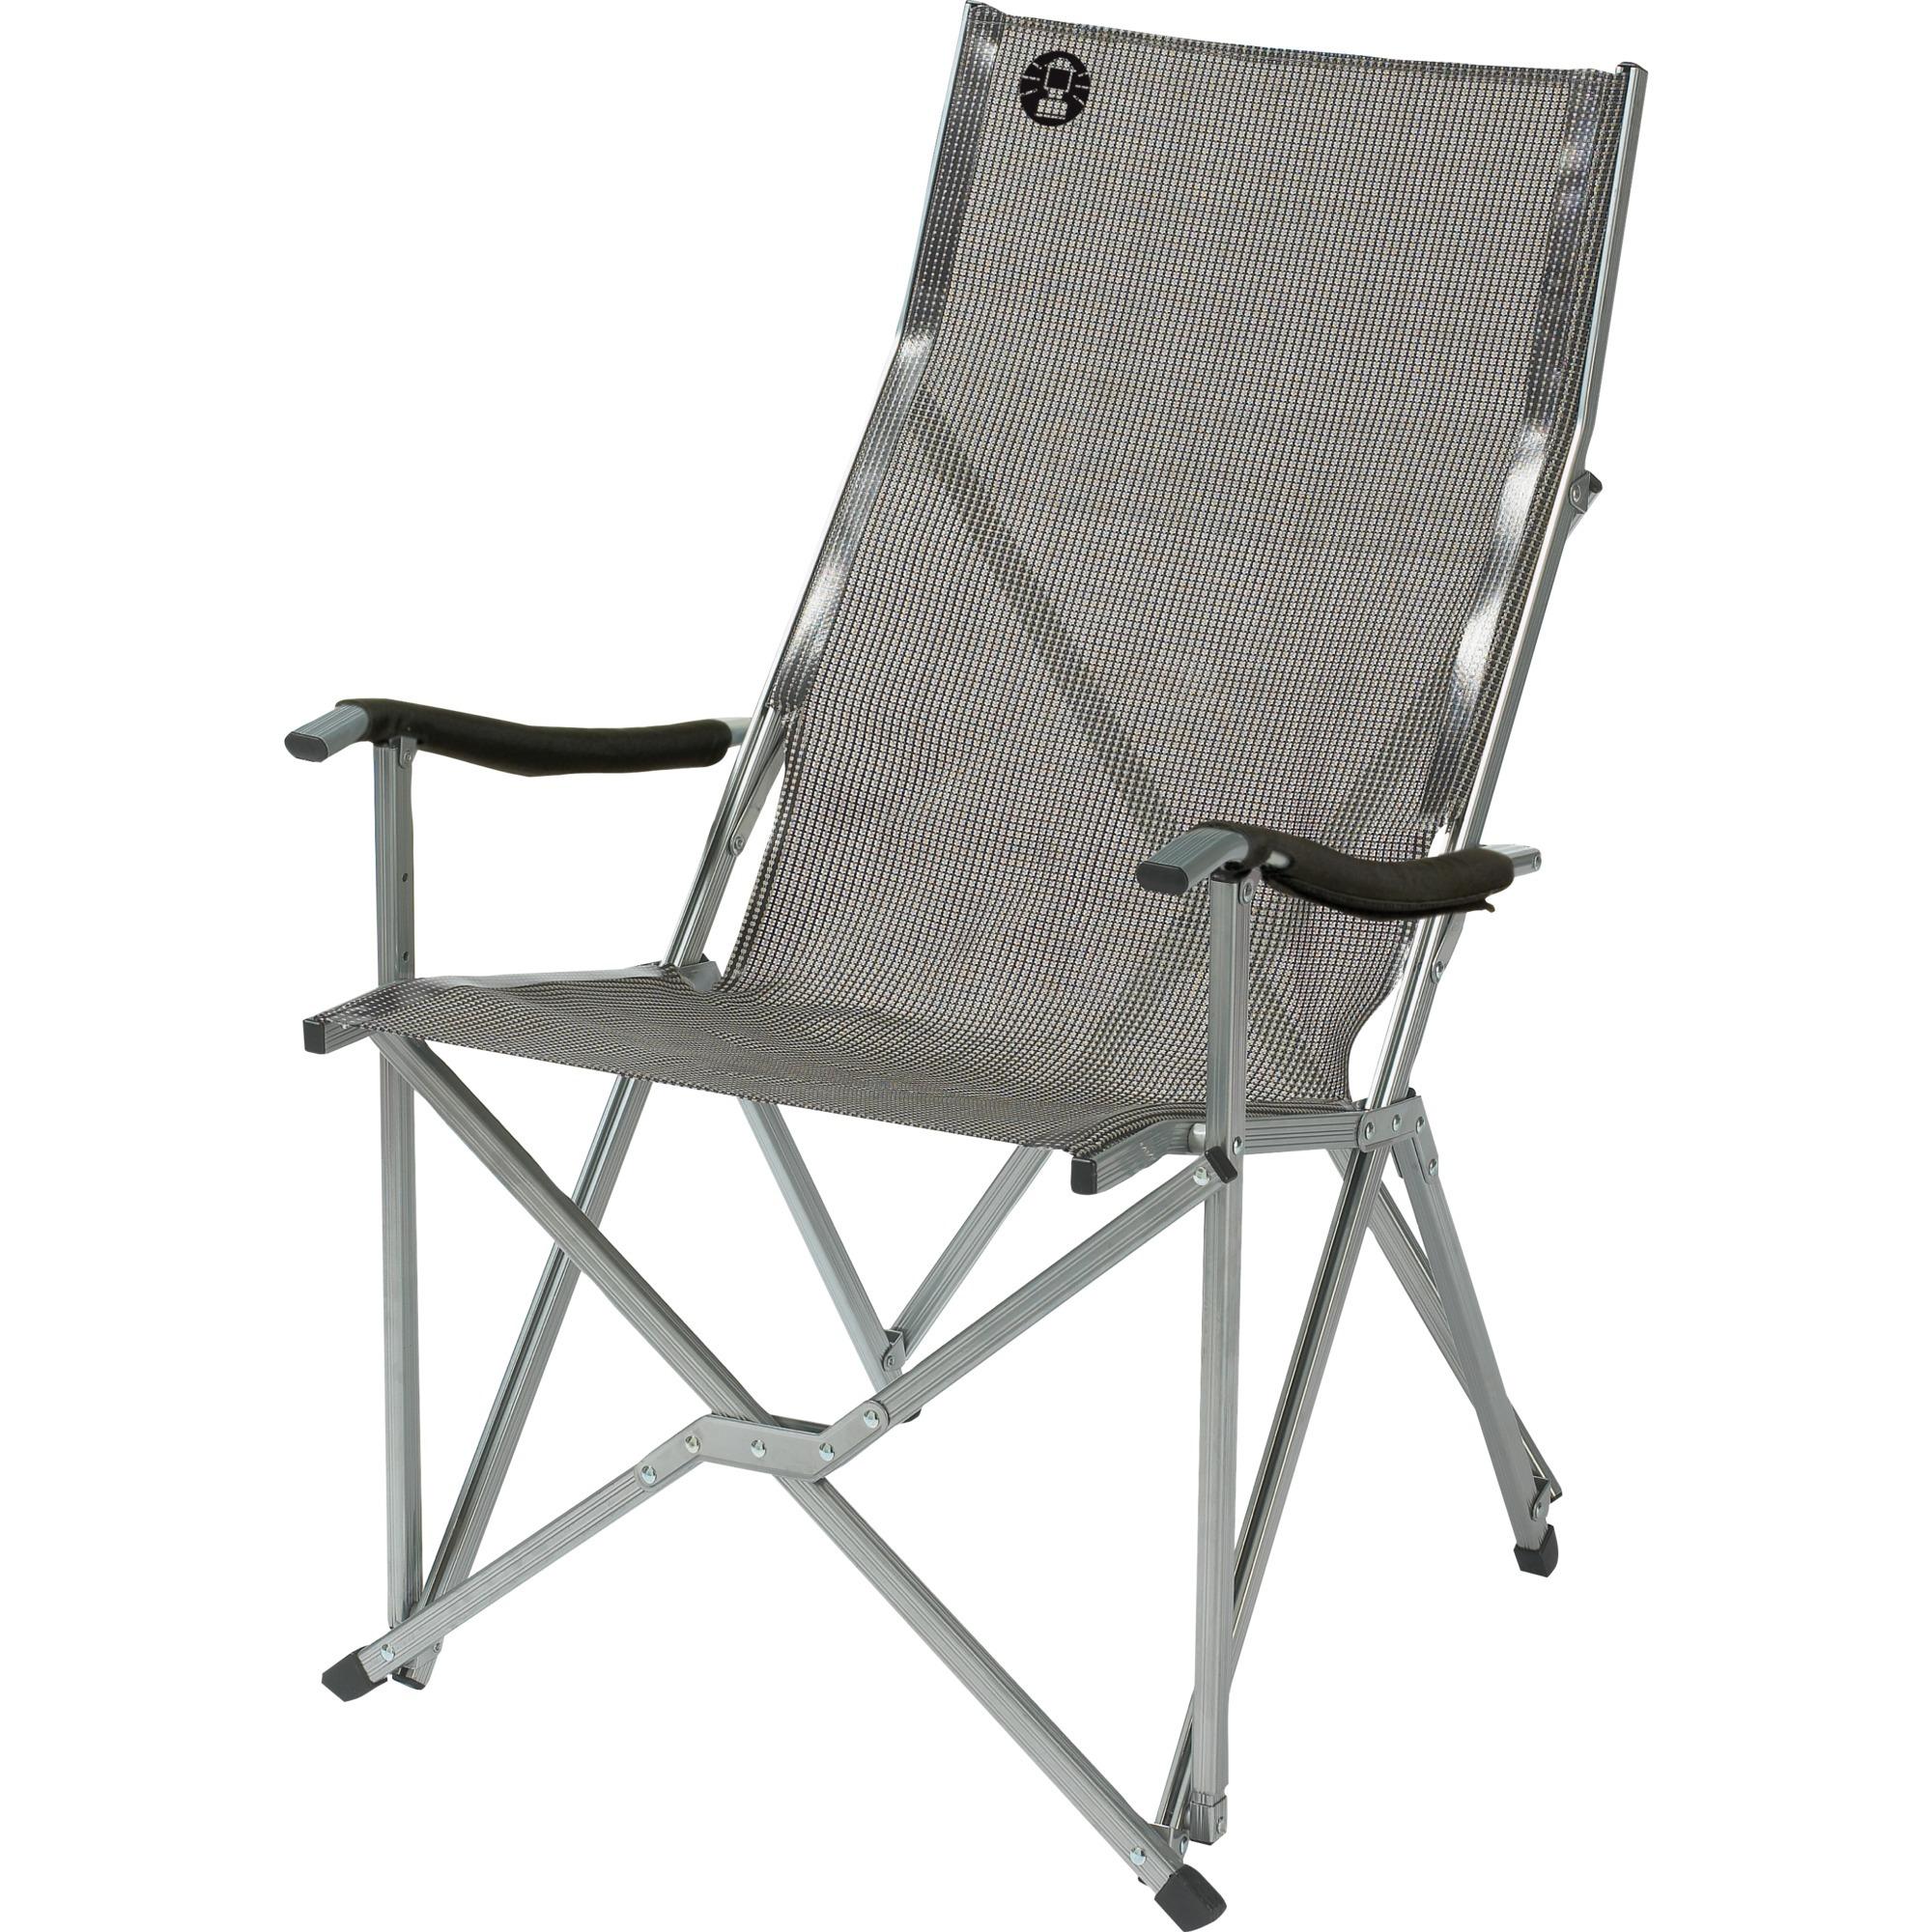 summer-sling-chair-camping-chair-2ben-graa-stol